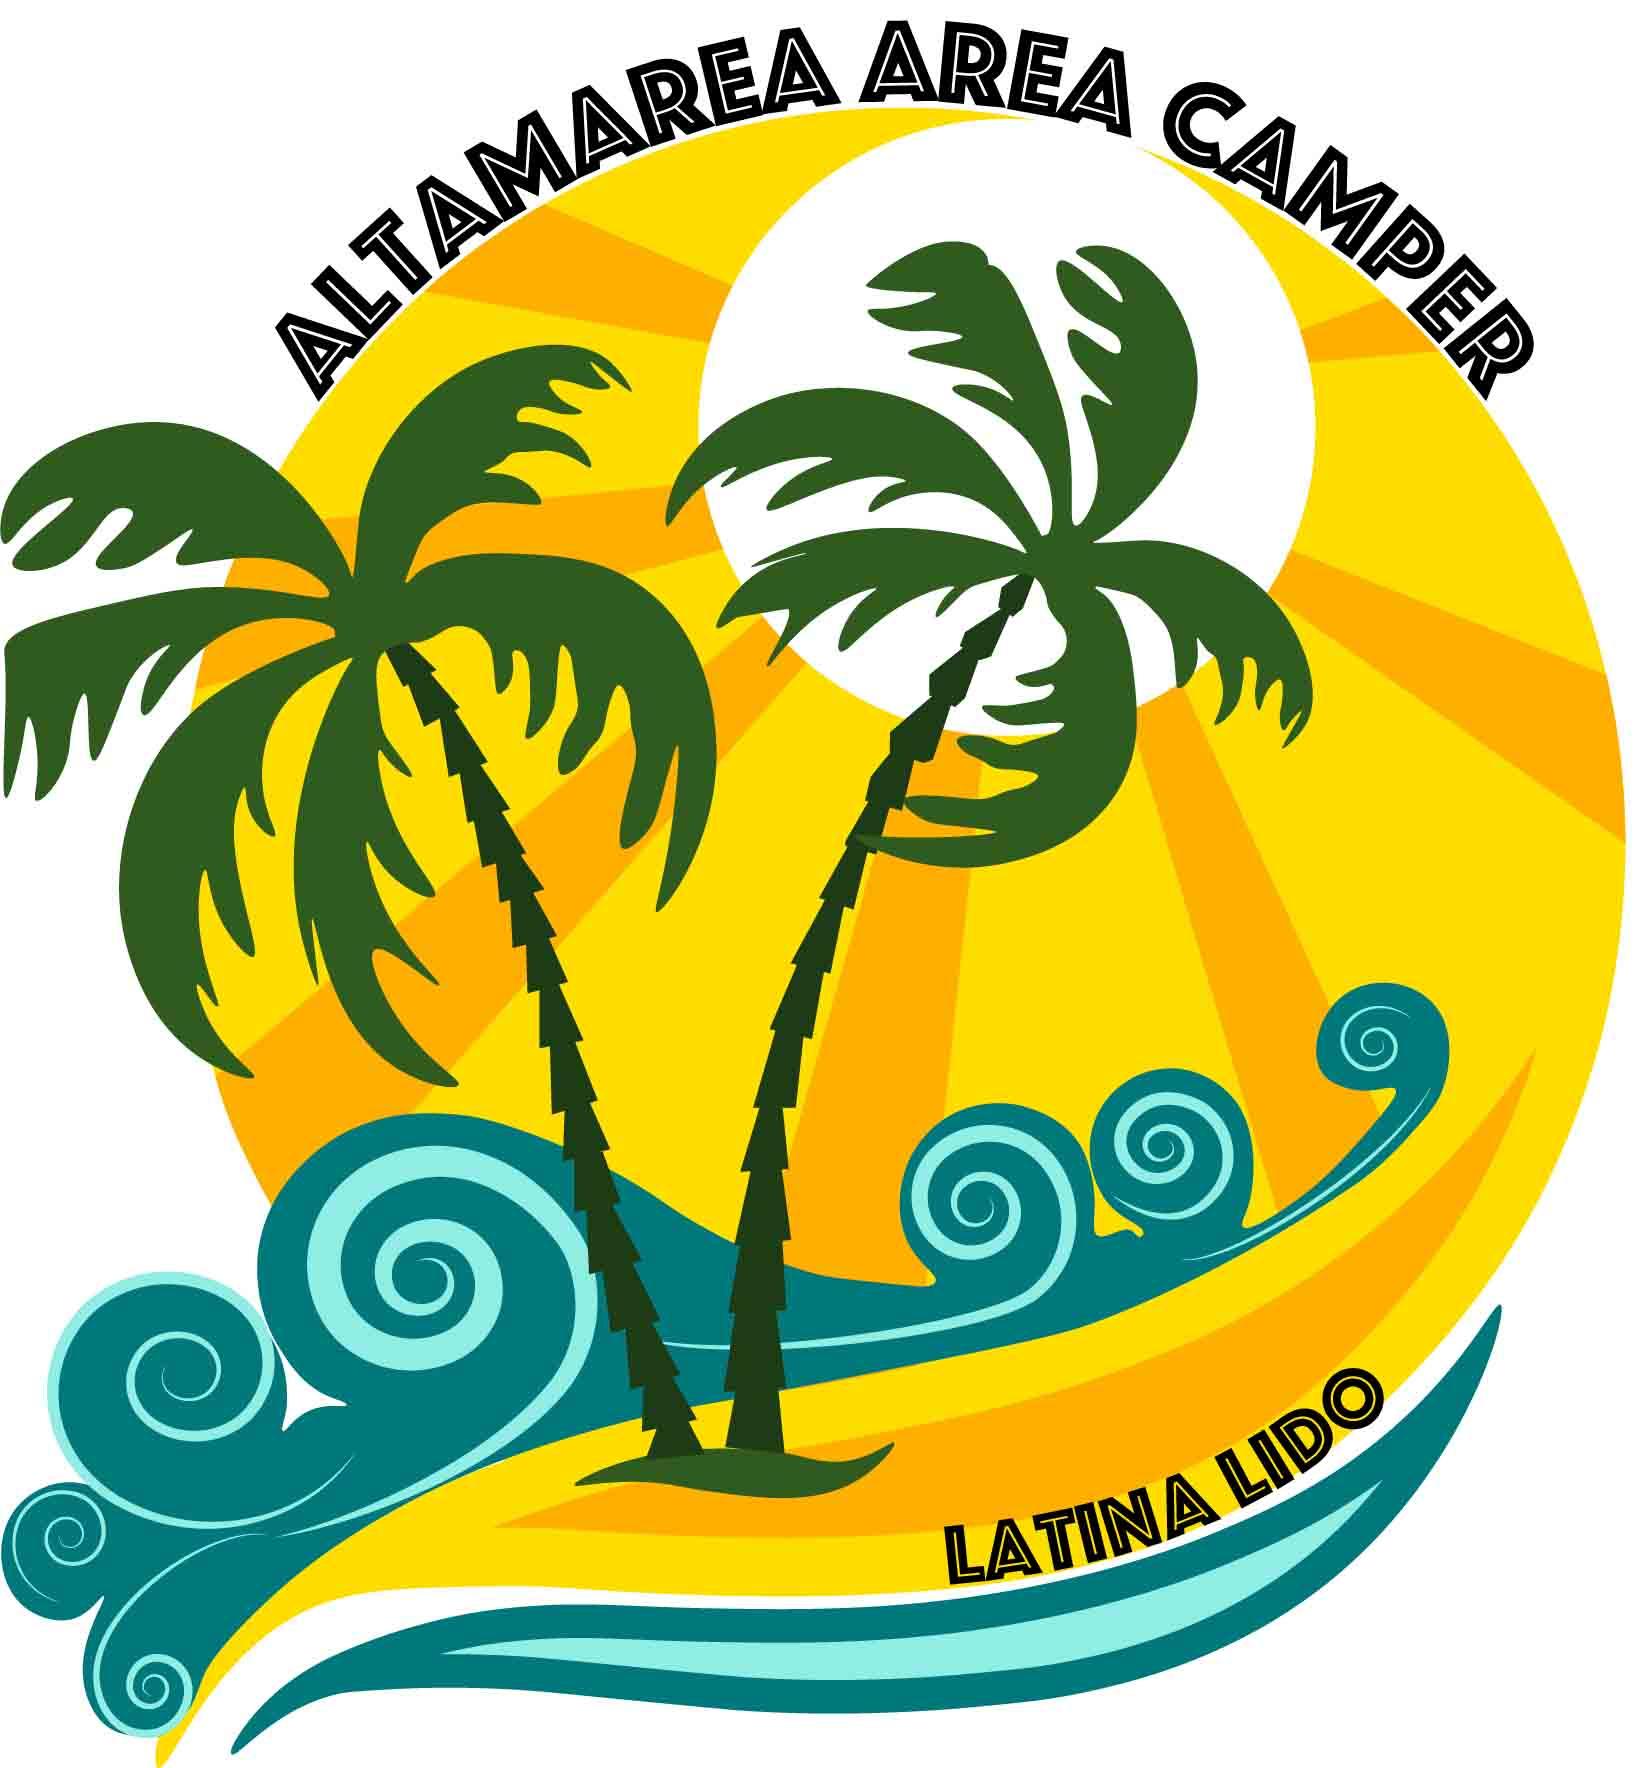 logo camper area footer